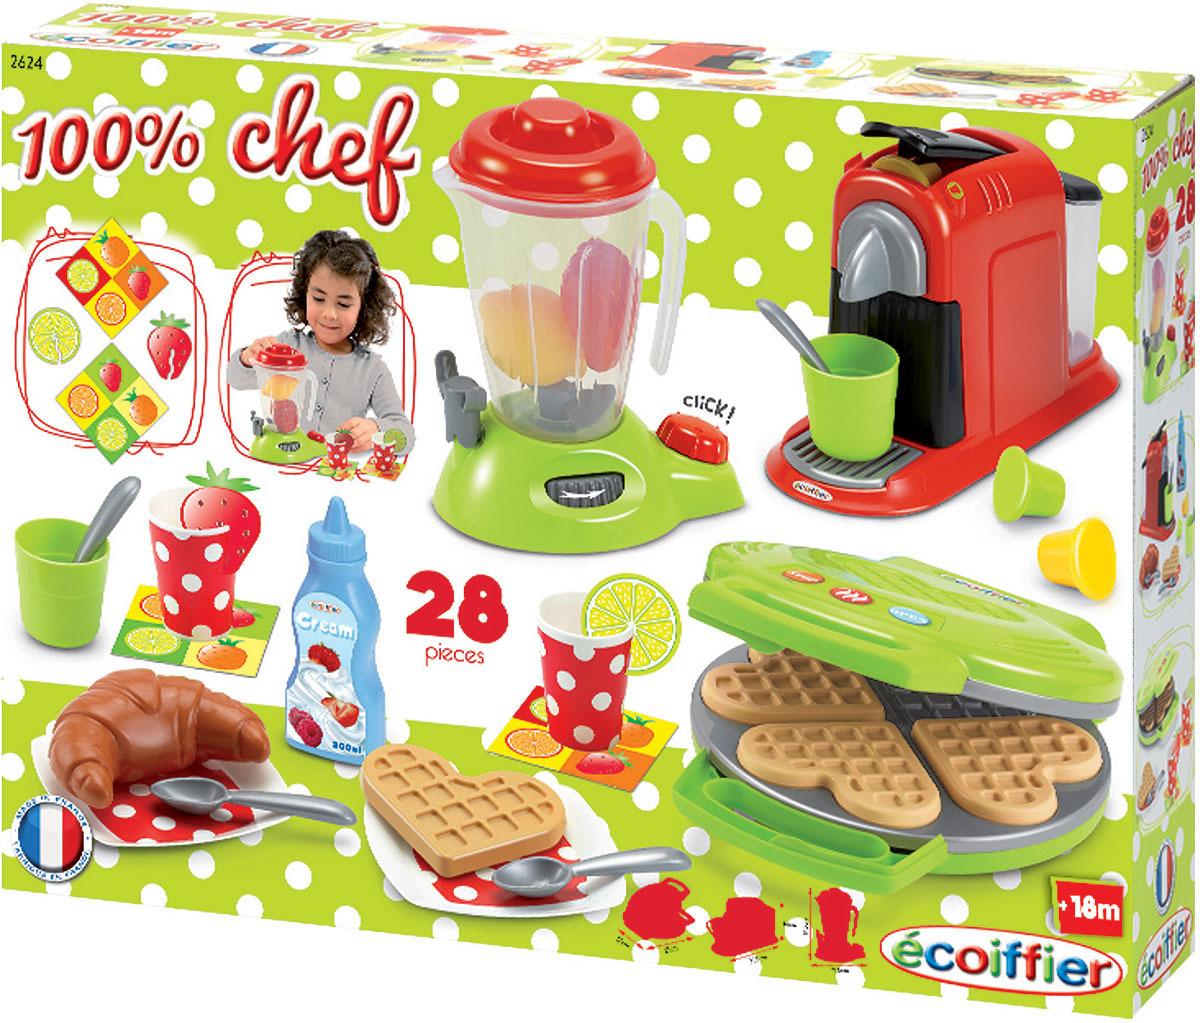 Сюжетно-ролевые игрушки Ecoiffier Chef. Набор кухонной техники игра ecoiffier chef набор посуды с сушилкой 2619